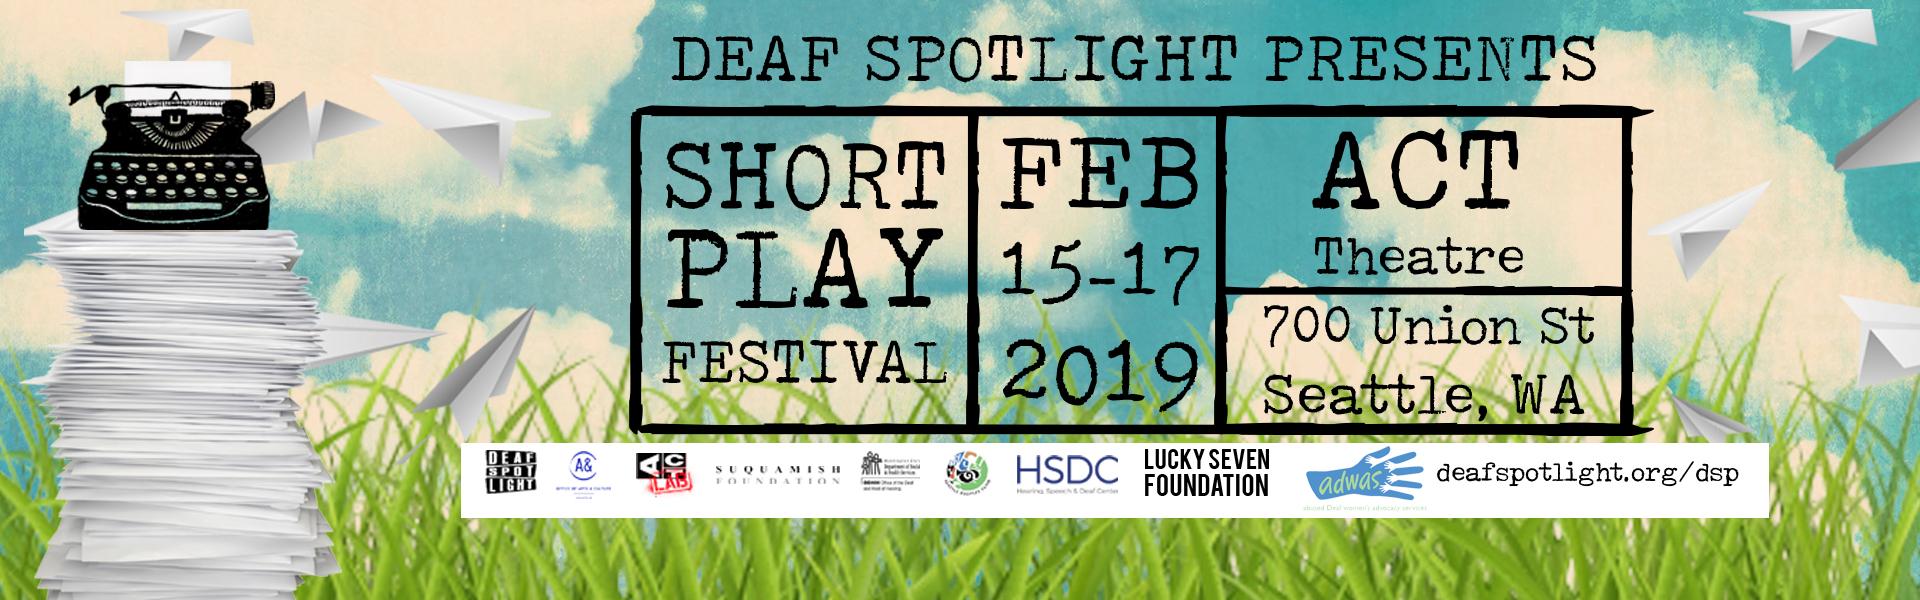 Deaf Spotlight Banner Image